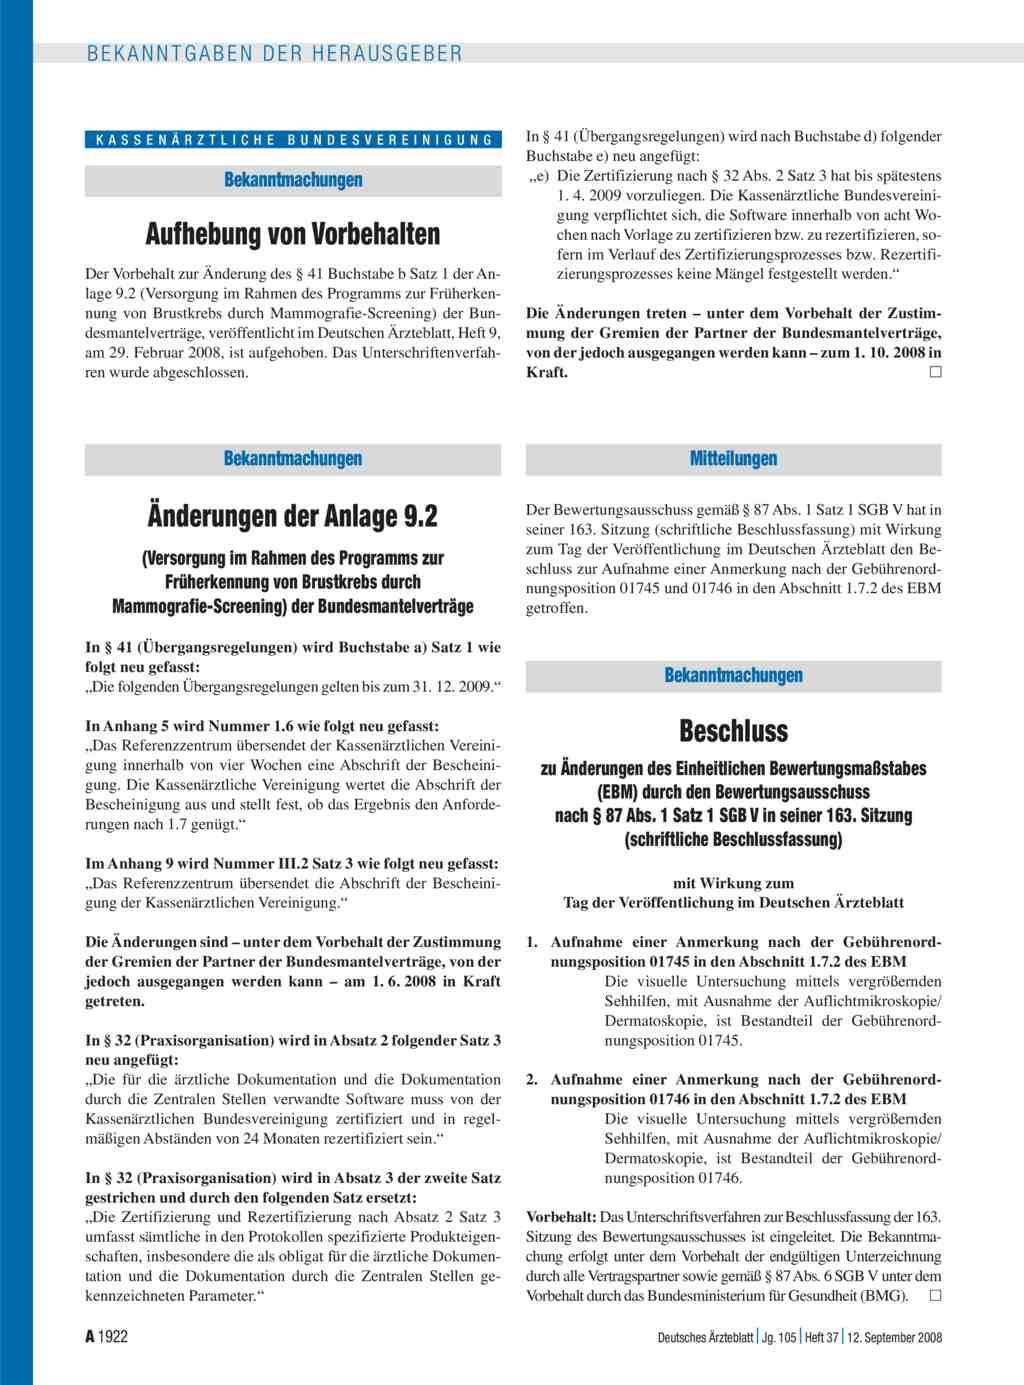 Bekanntmachungen: Änderungen der Anlage 9.2 (Versorgung im Rahmen ...